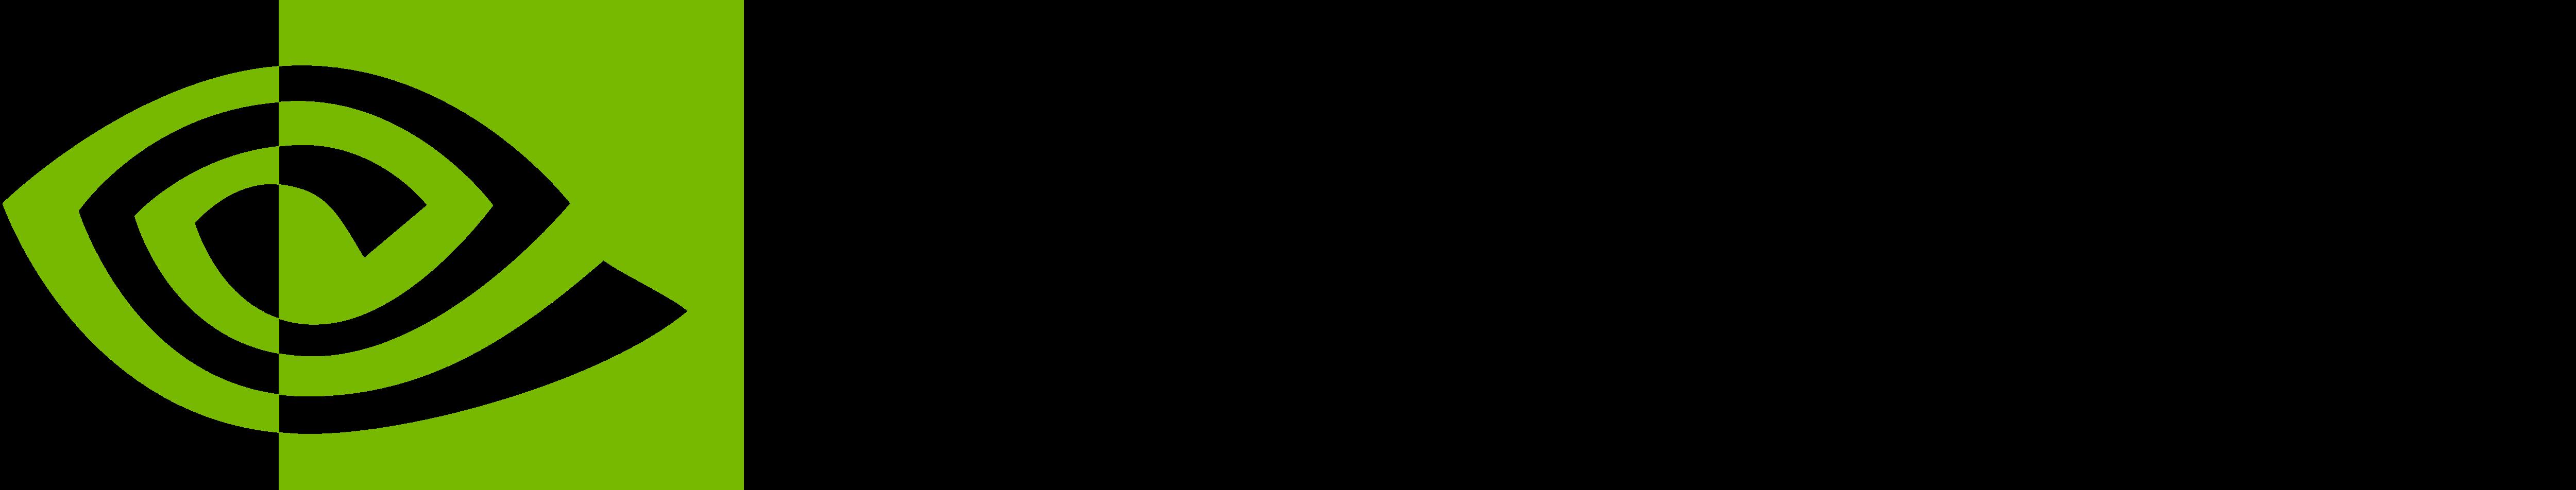 nvidia logo.png